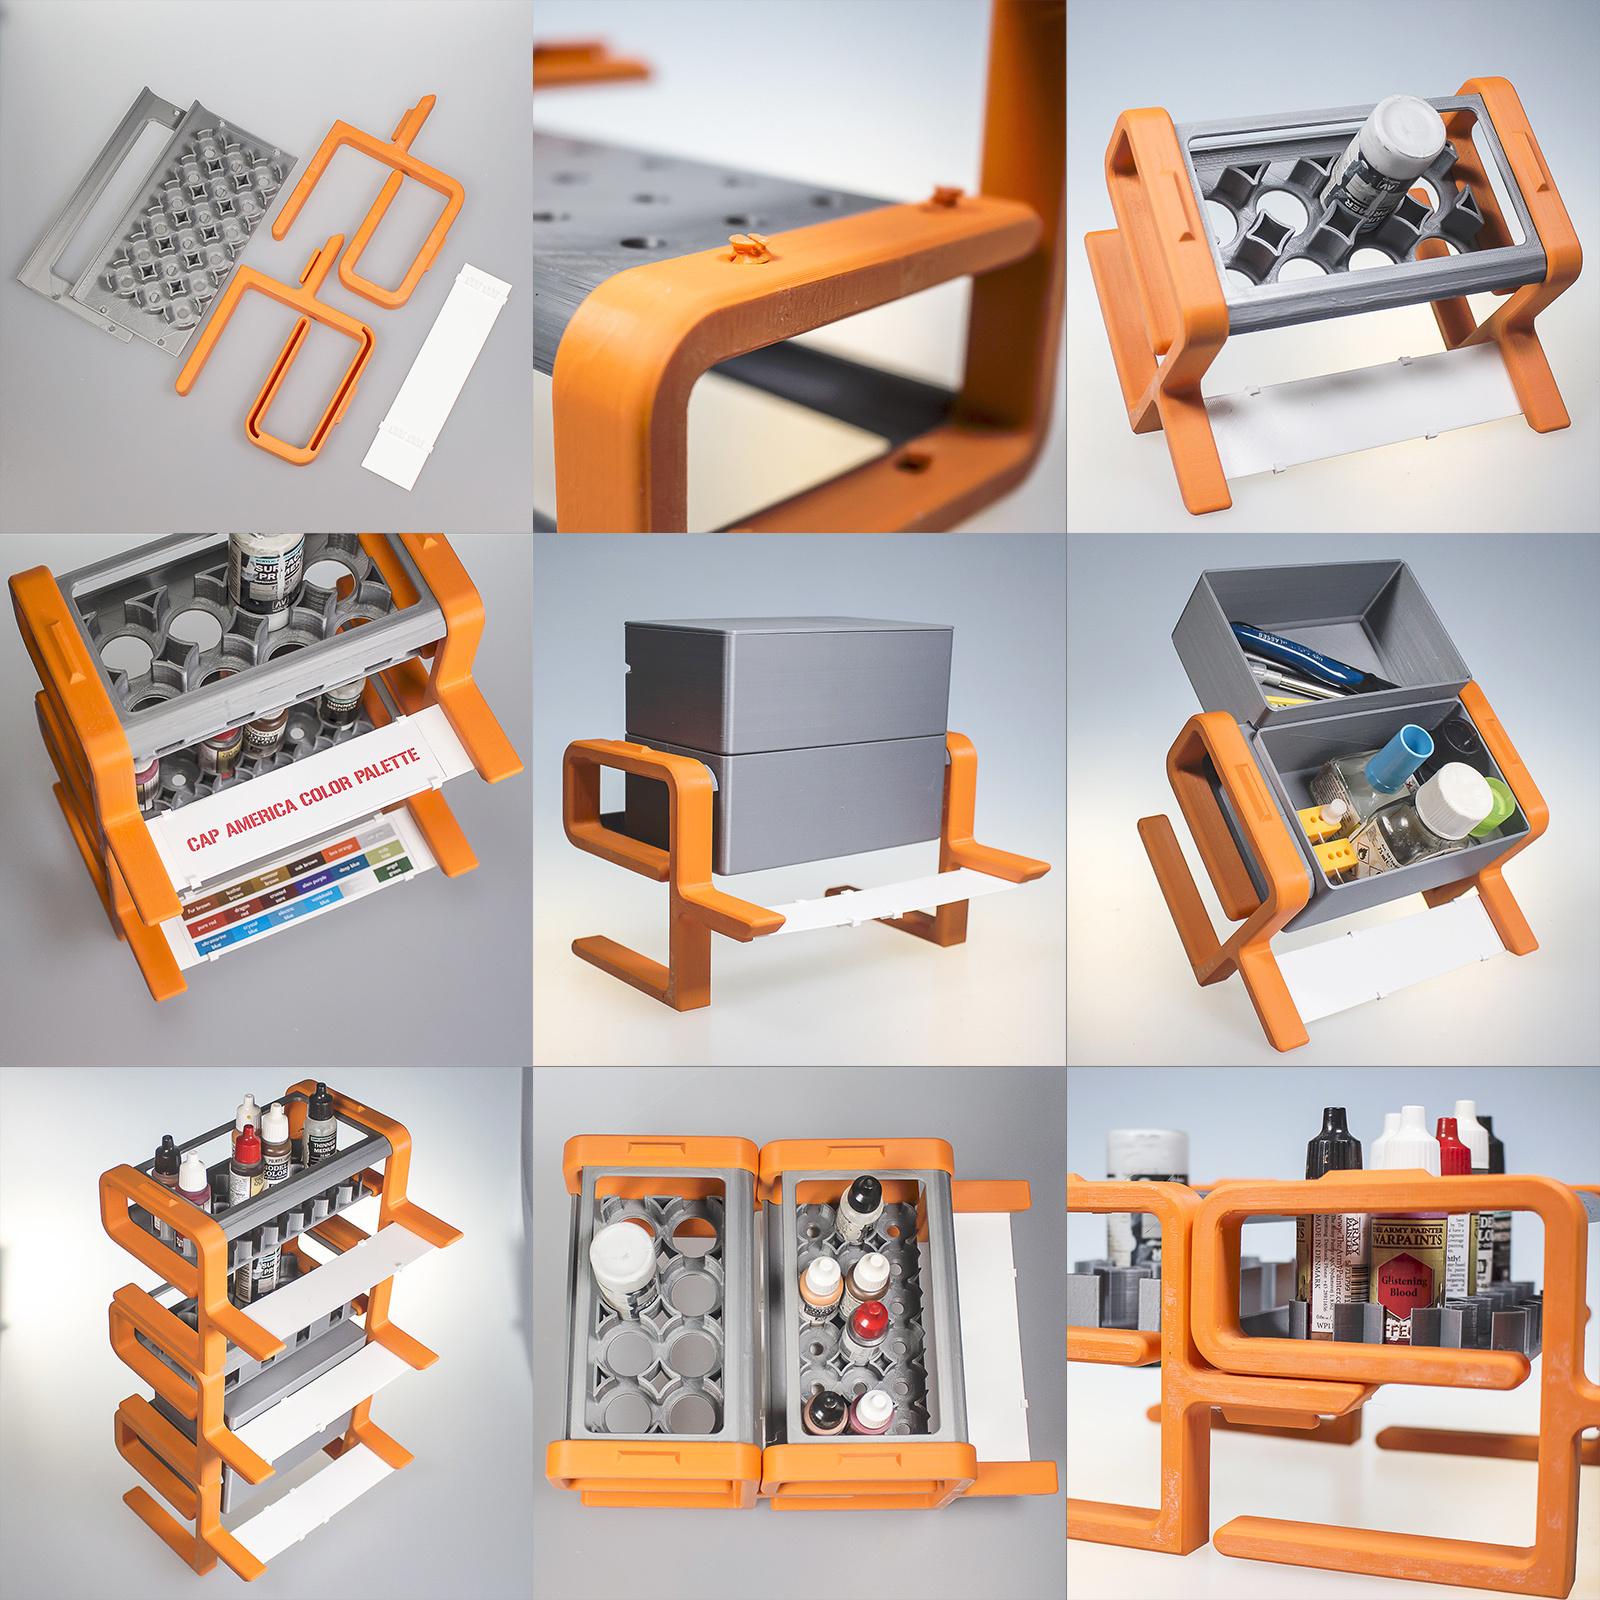 poster.jpg Download STL file Inkynato • 3D print design, CKLab